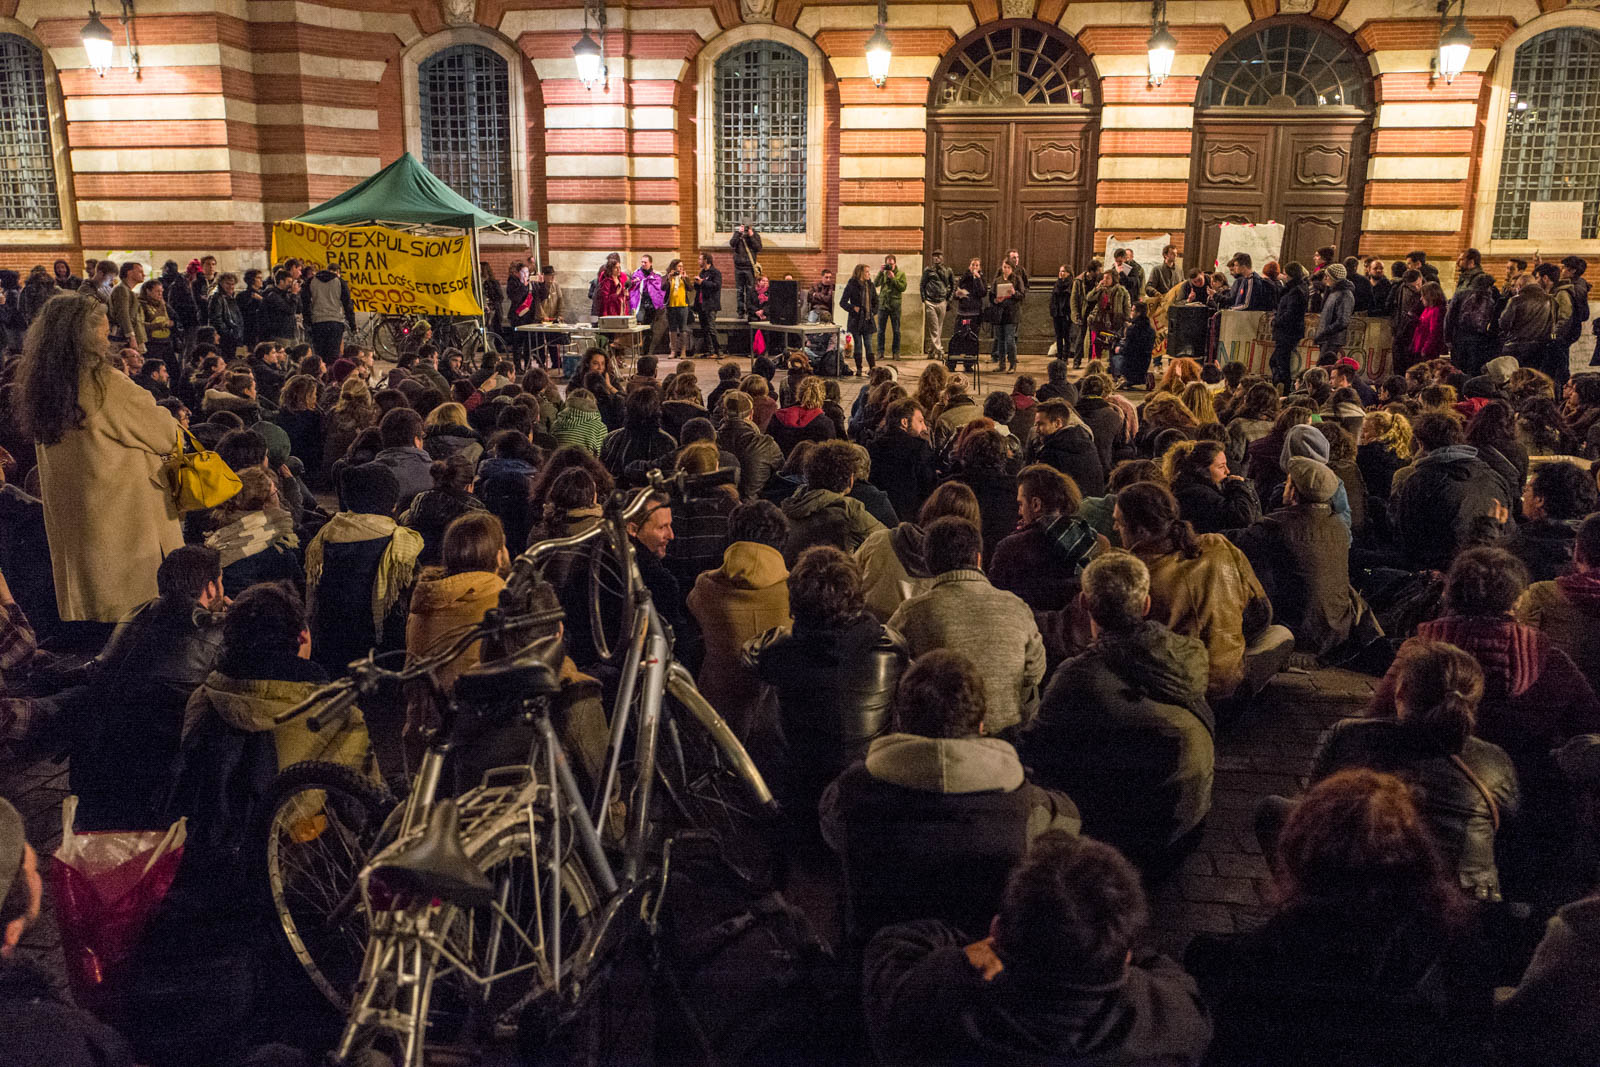 Rassemblement NUIT DEBOUT sur la place du Capitole. Depuis le 31 mars des personnes se sont installées sur différentes grandes places dans des villes de l'hexagone.  Ces rassemblements pacifiques, appellés NUIT DEBOUT sont ouverts et populaires, ils visent à réinvestir l'espace public pour échanger, débattre et construire, la Place du Capitole est occupée depuis le 5 avril. 6/04/2016, Toulouse-France.